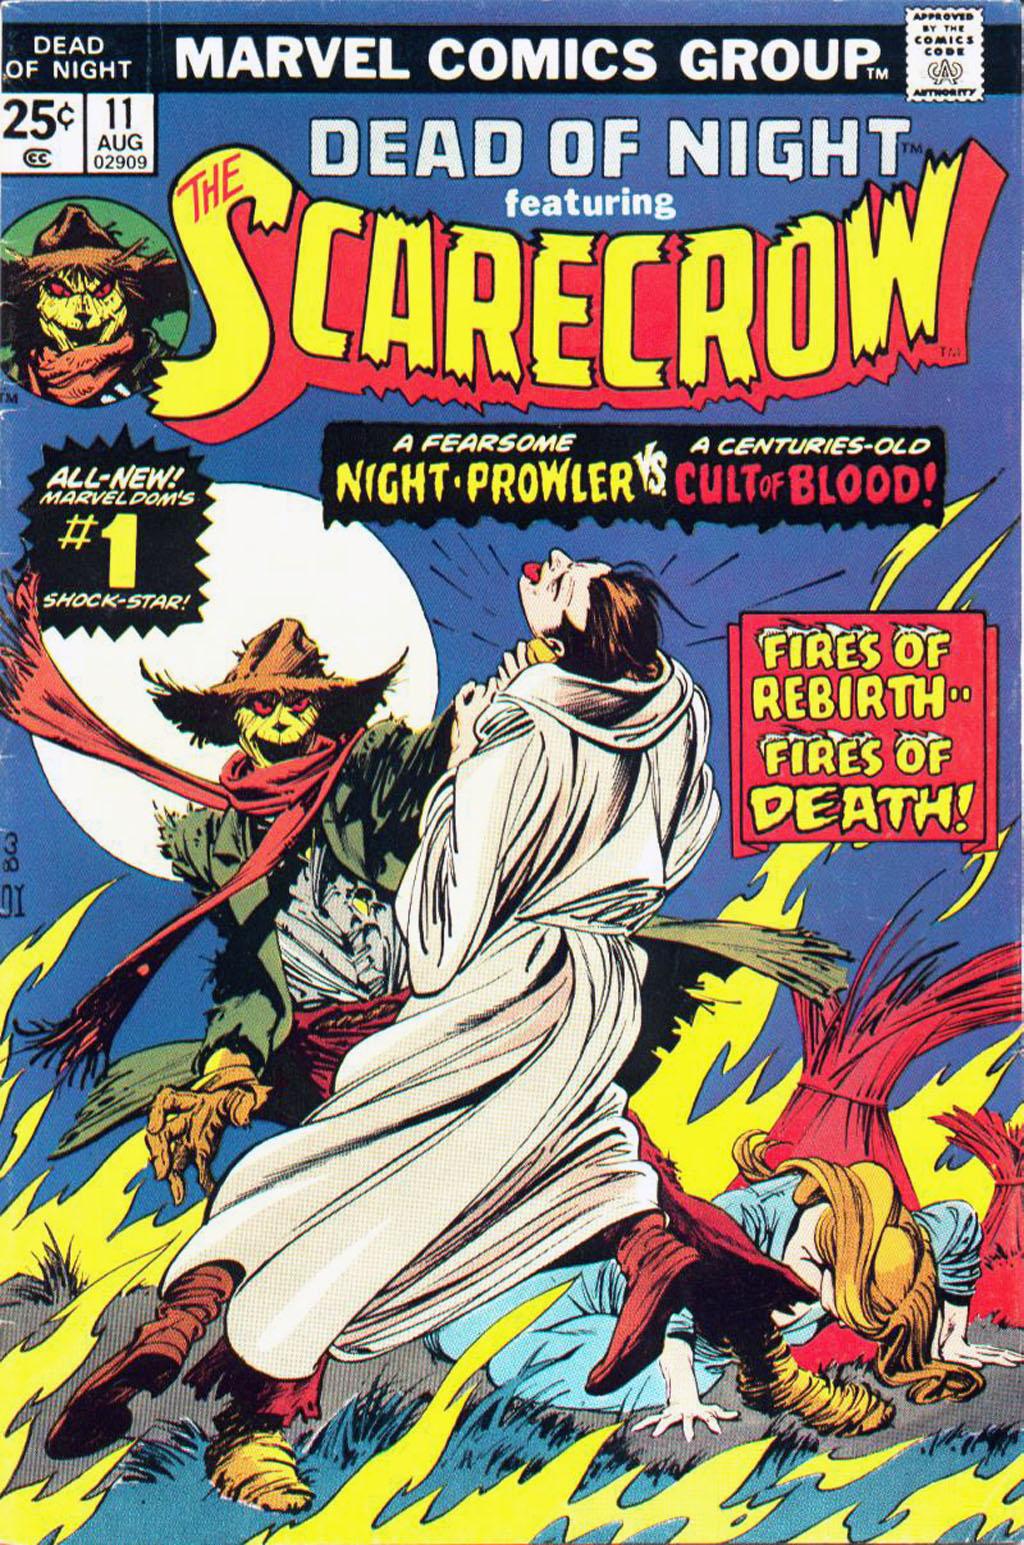 BHOC: DEAD OF NIGHT #11